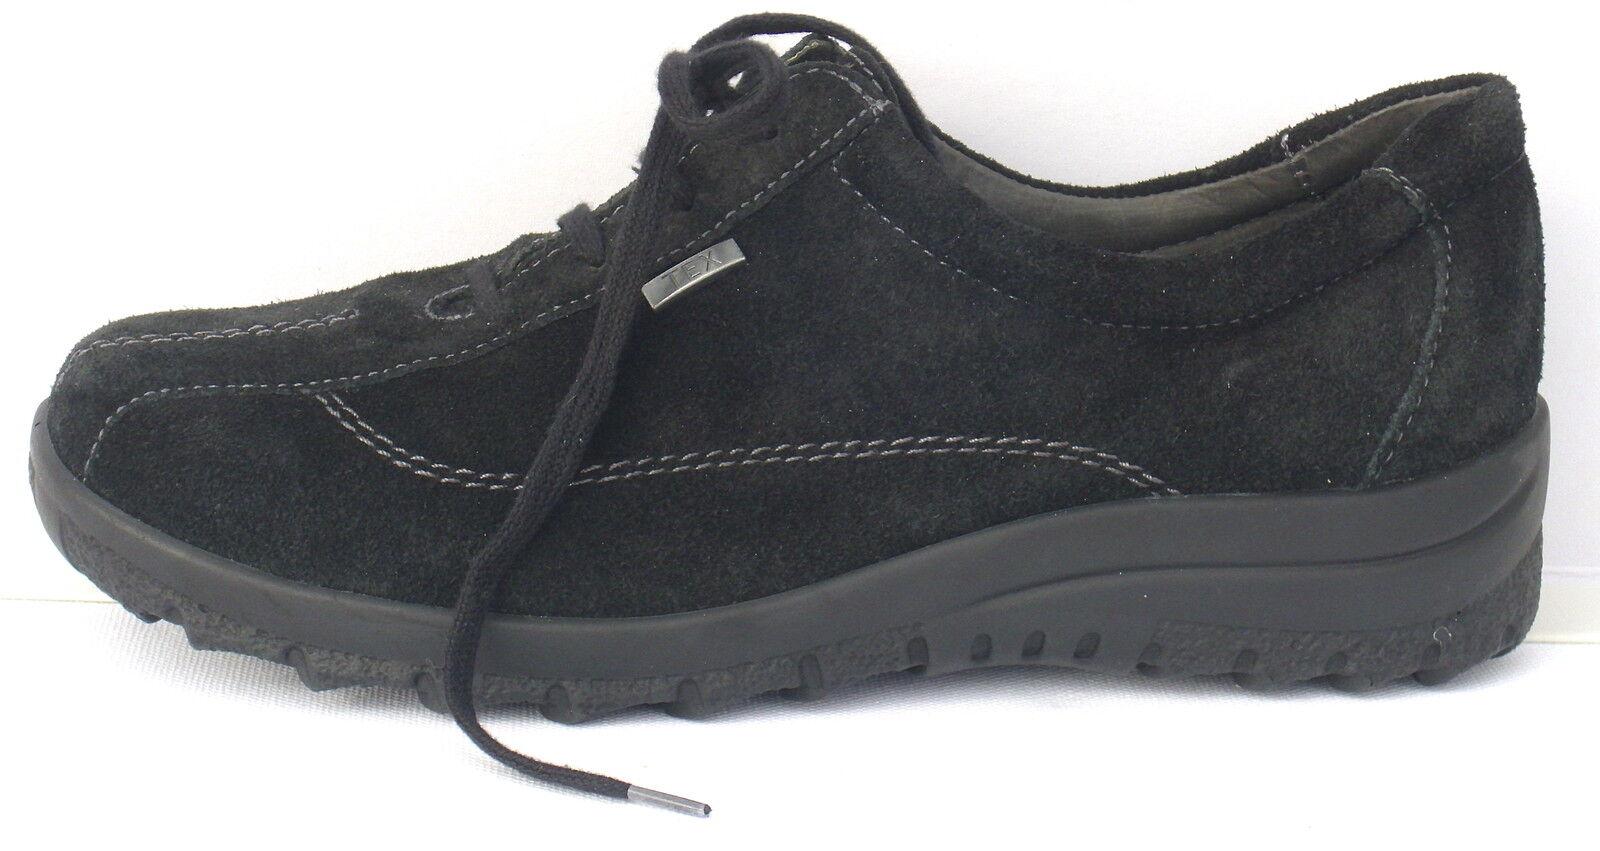 Caprice zapatos señora zapatos con con cordones, cuero, nuevo +++ +++ +++ +++  en linea